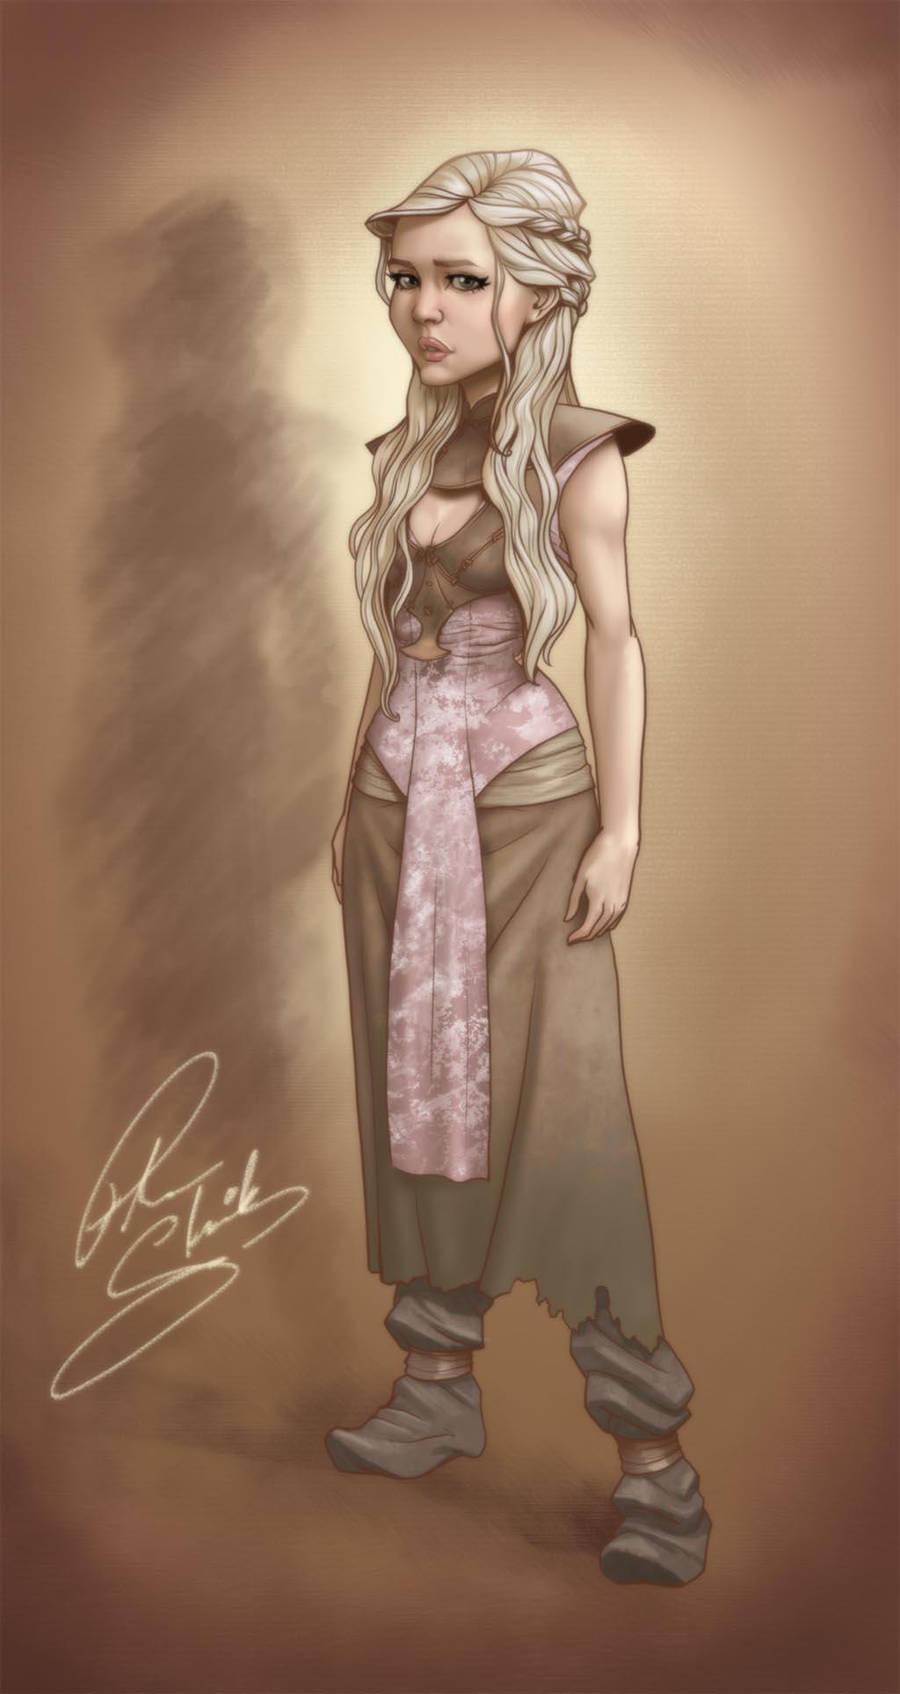 Daenerys Targaryen by Petarsaur